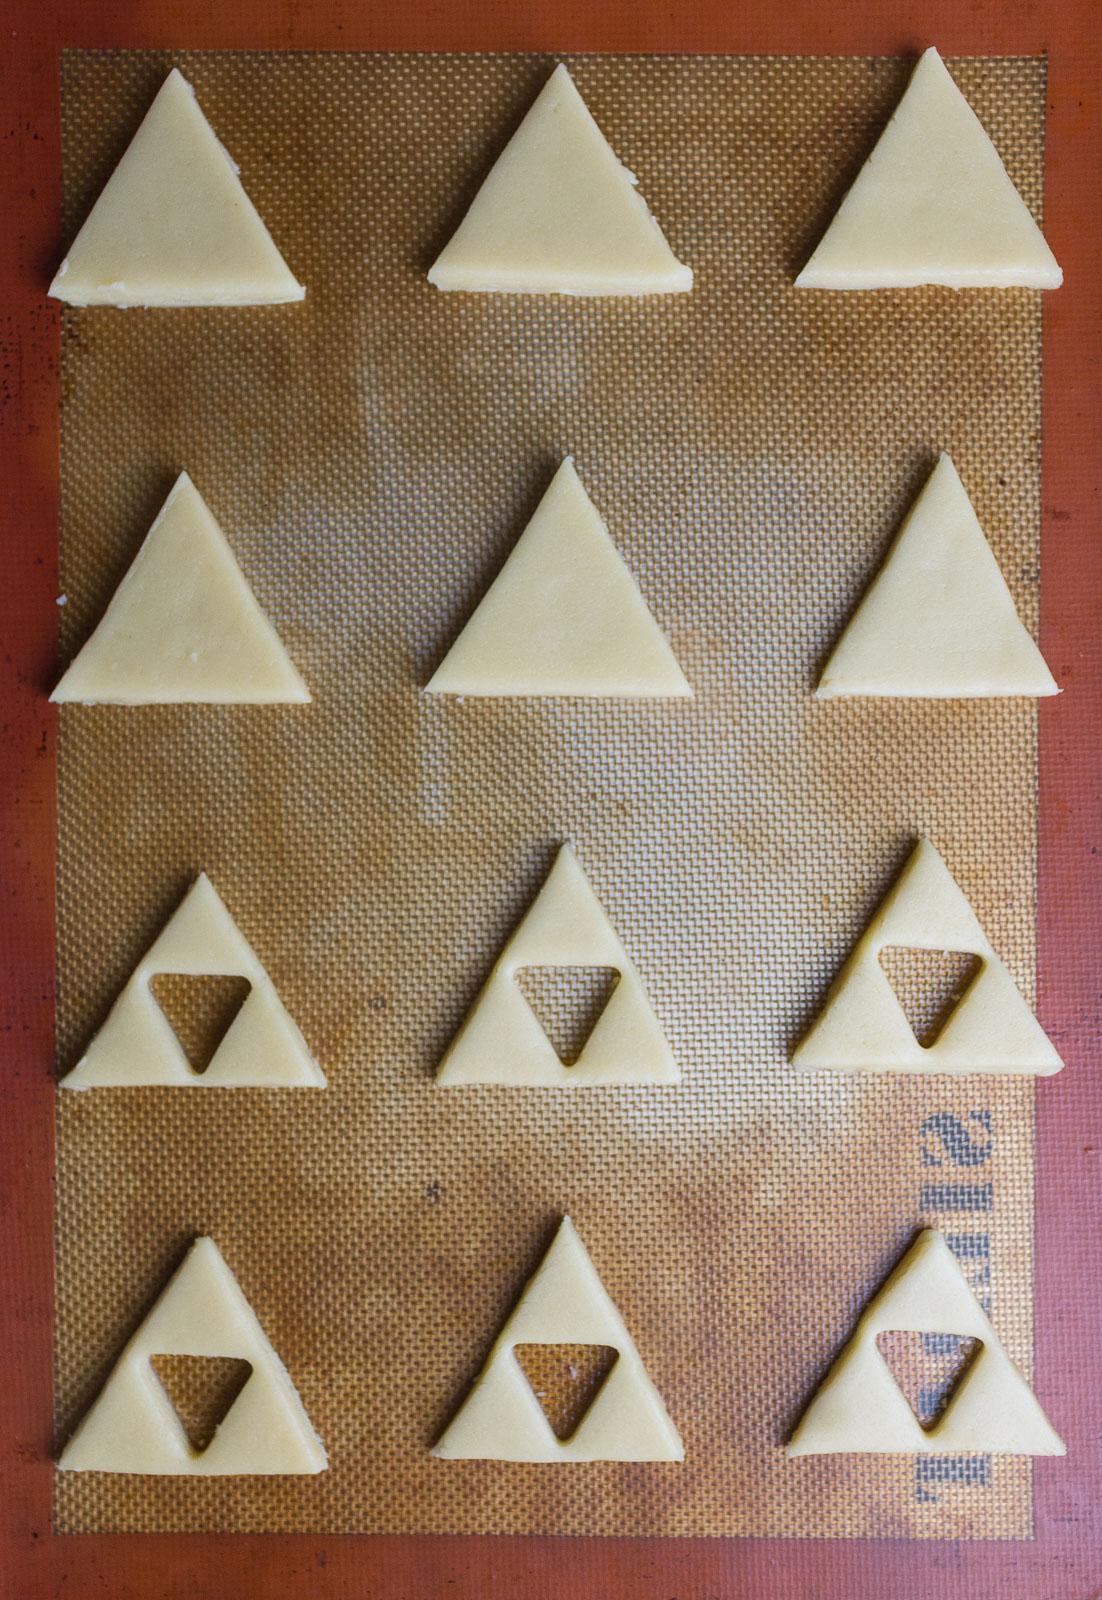 triforce-linzer-cookies-2.jpg